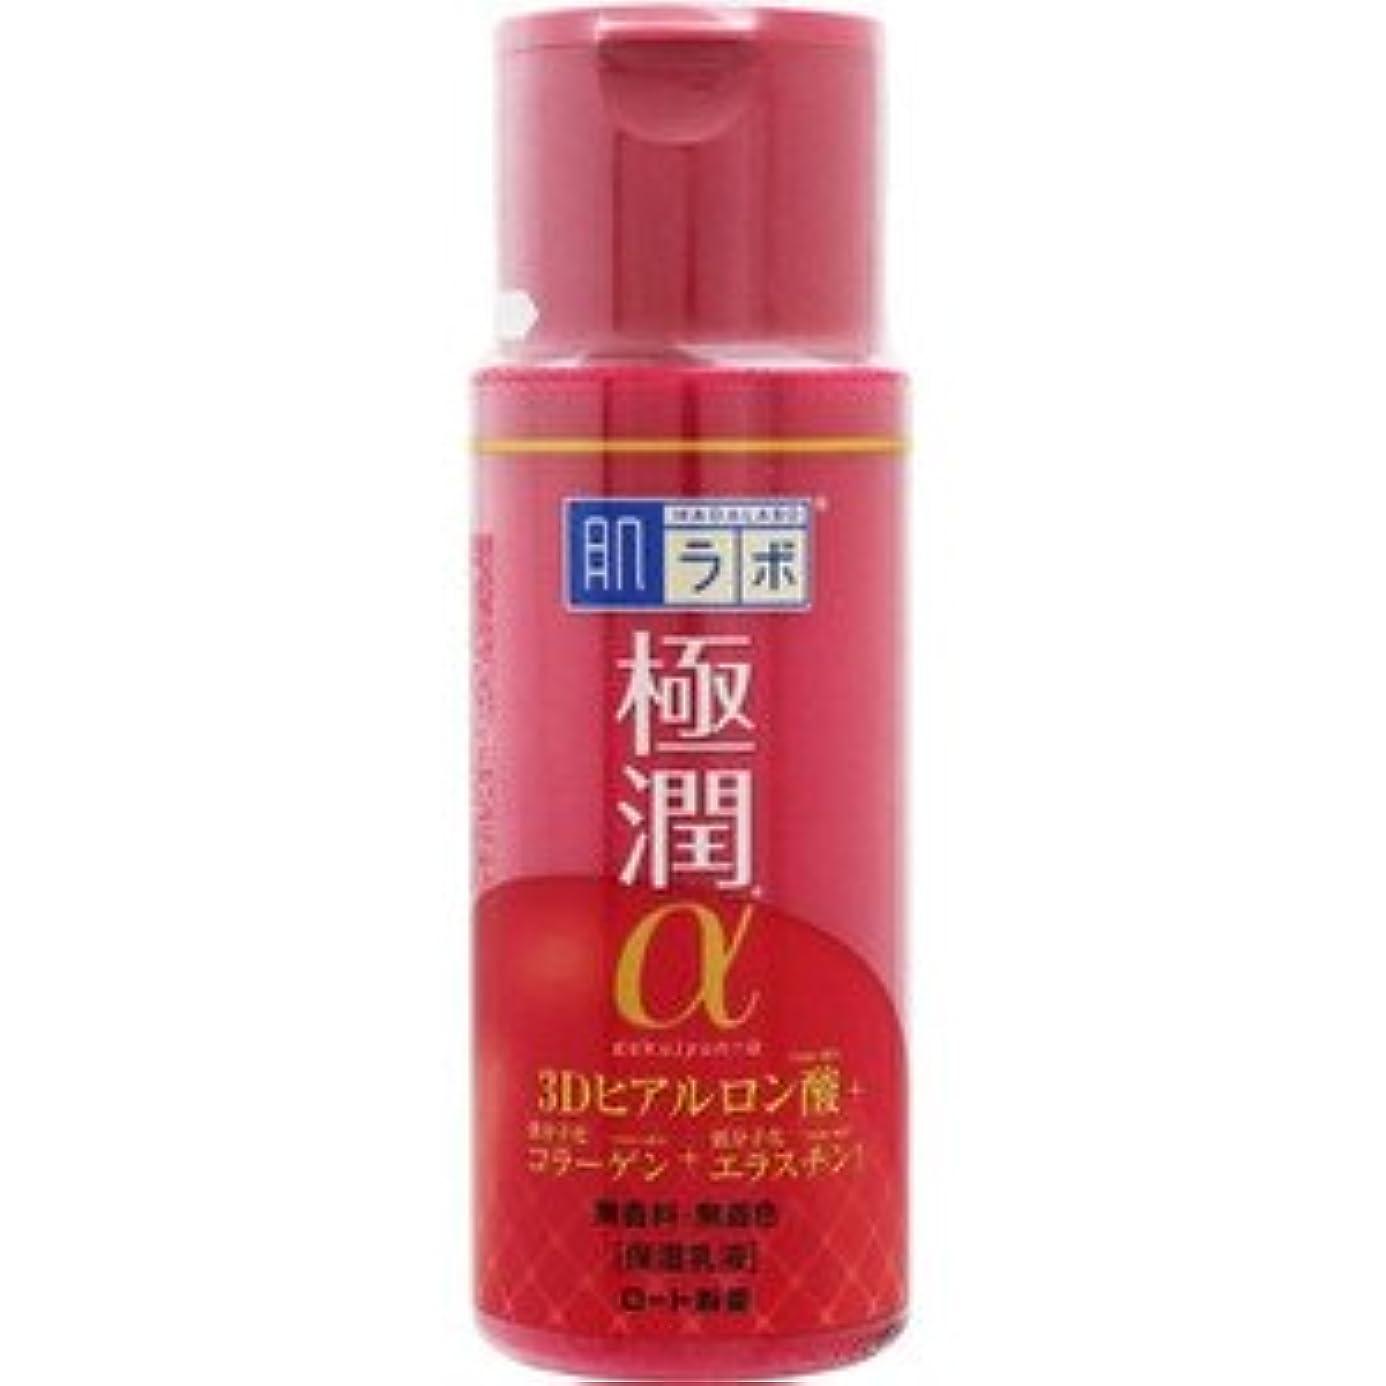 解くつま先はねかける(ロート製薬)肌ラボ極潤α 3Dヒアルロン酸保湿乳液 140ml(お買い得3個セット)